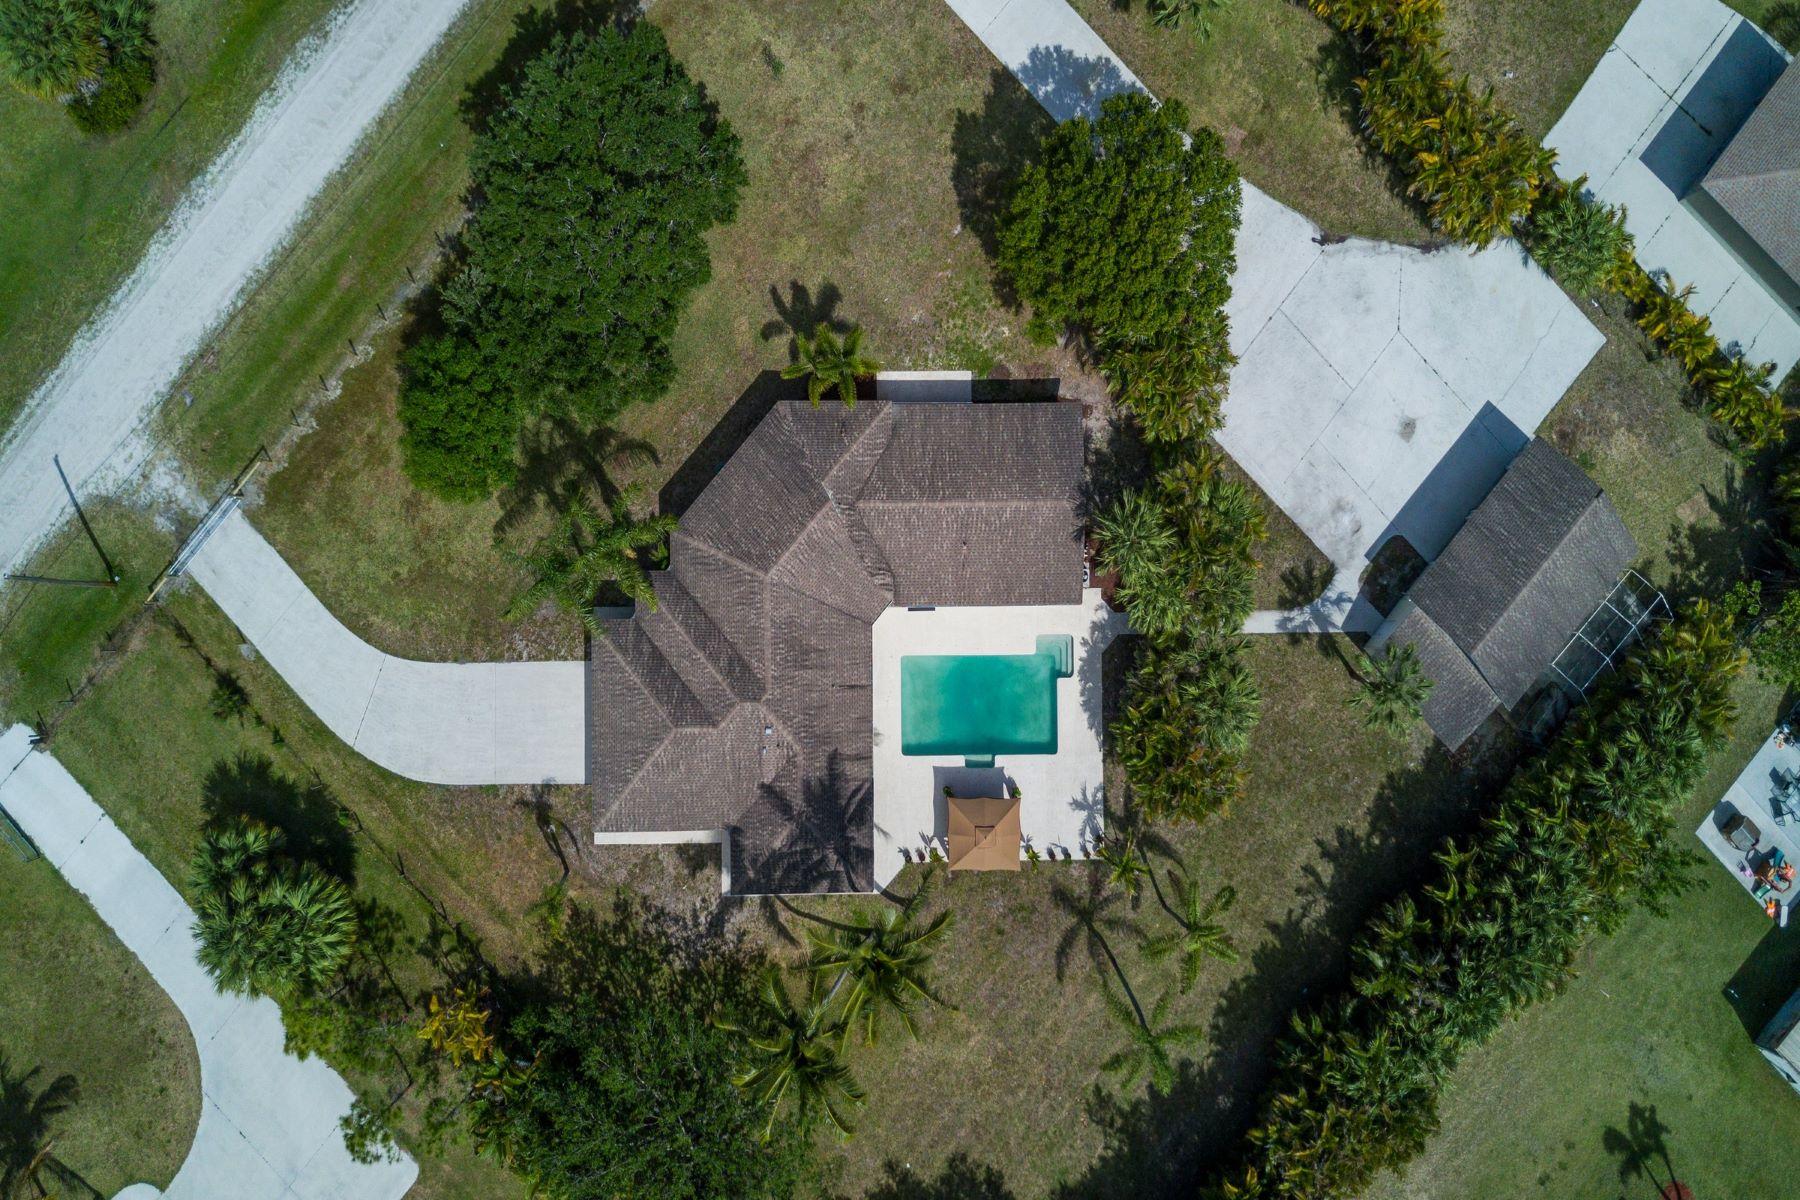 独户住宅 为 销售 在 16106 73rd Terrace N Palm Beach Country Estates, 棕榈滩花园, 佛罗里达州, 33418 美国